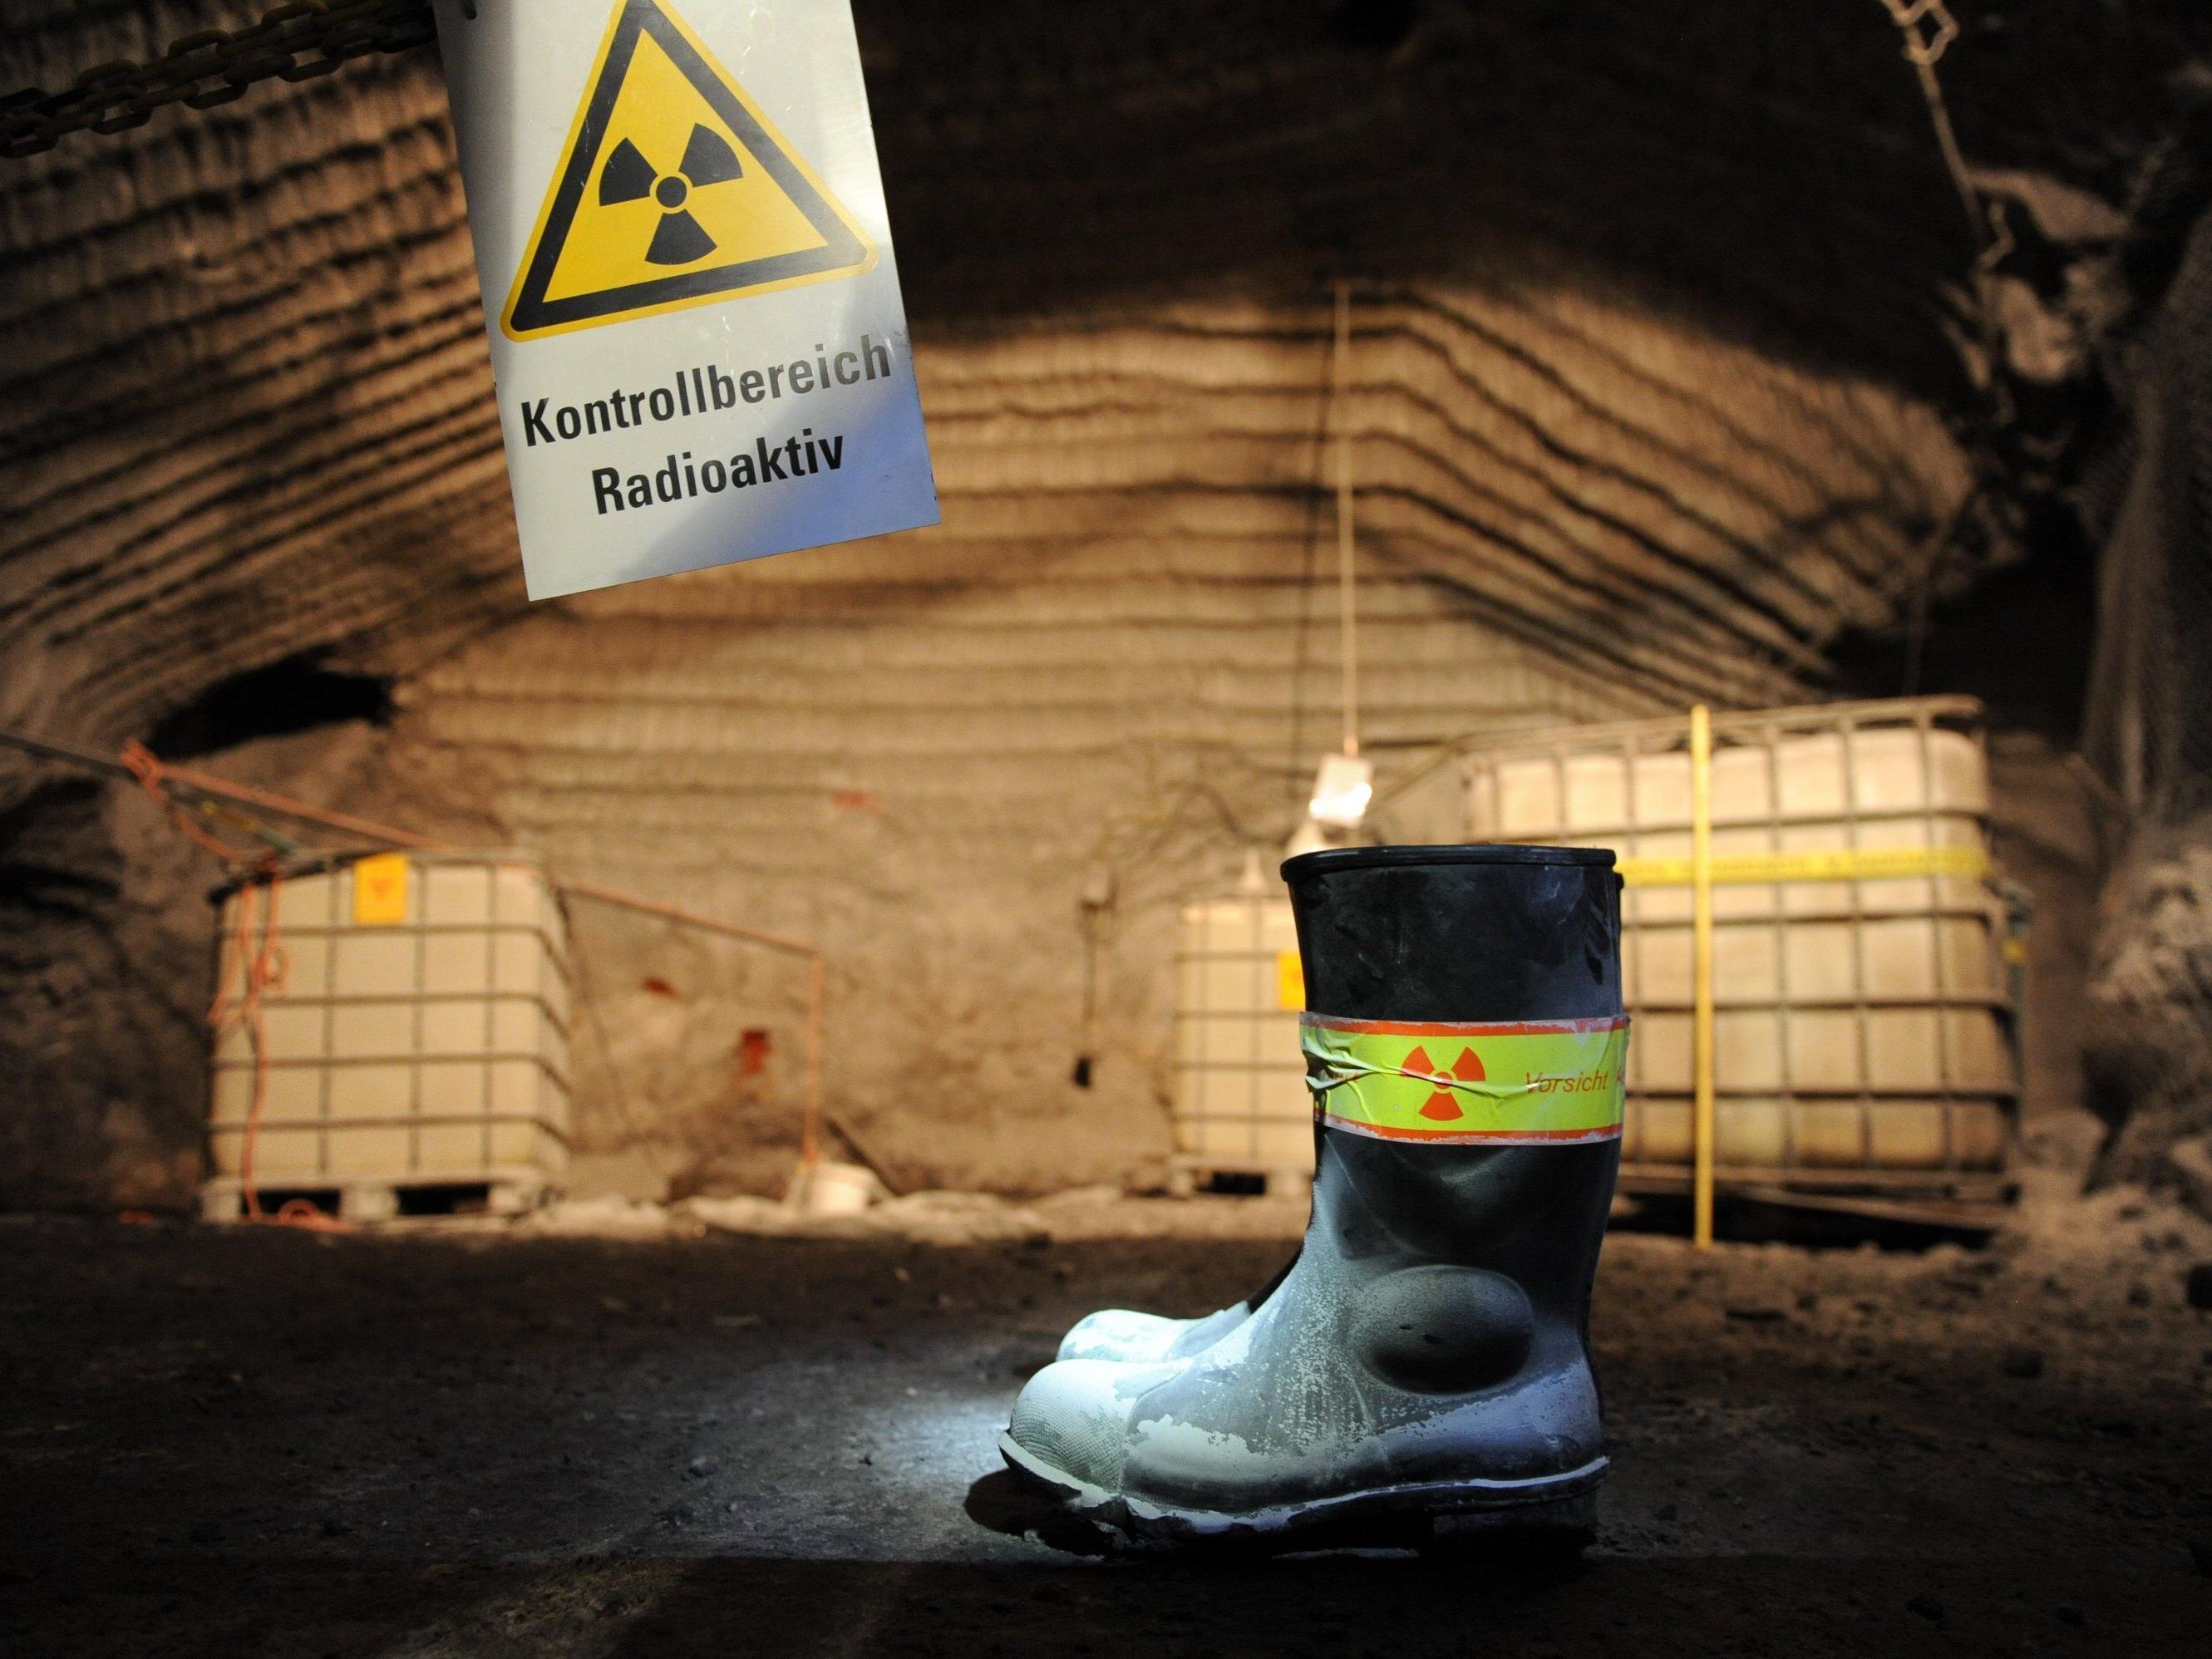 AKW-Betreiber hoffen auf Behörden-Entscheid. Im Bild: Ein Warnschild vor radioaktiver Strahlung im Atommülllager Asse (D).